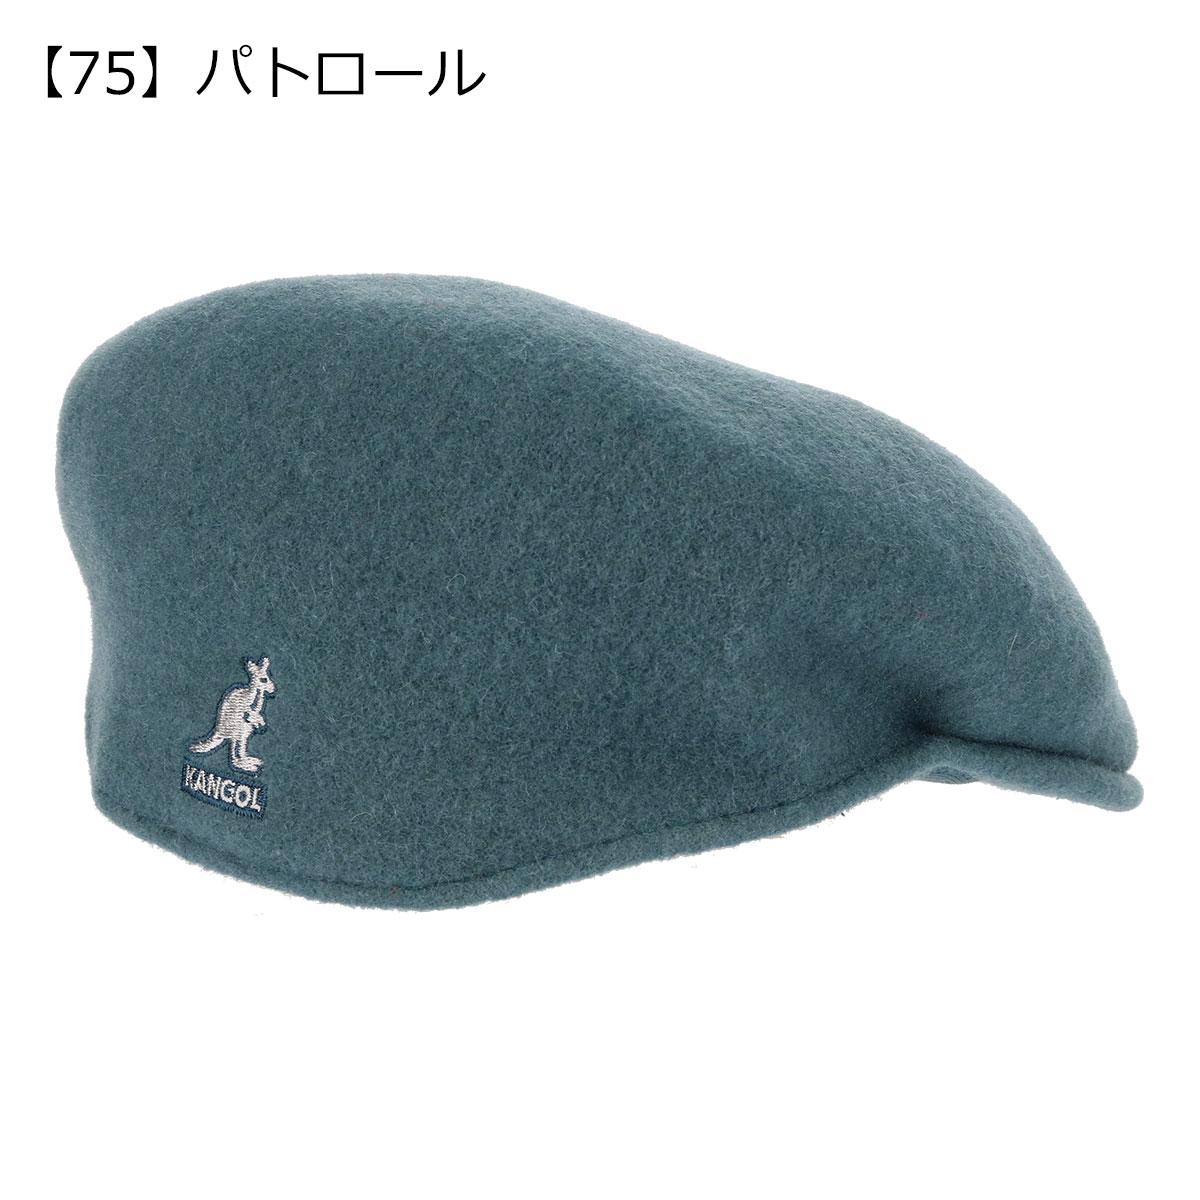 【75】パトロール